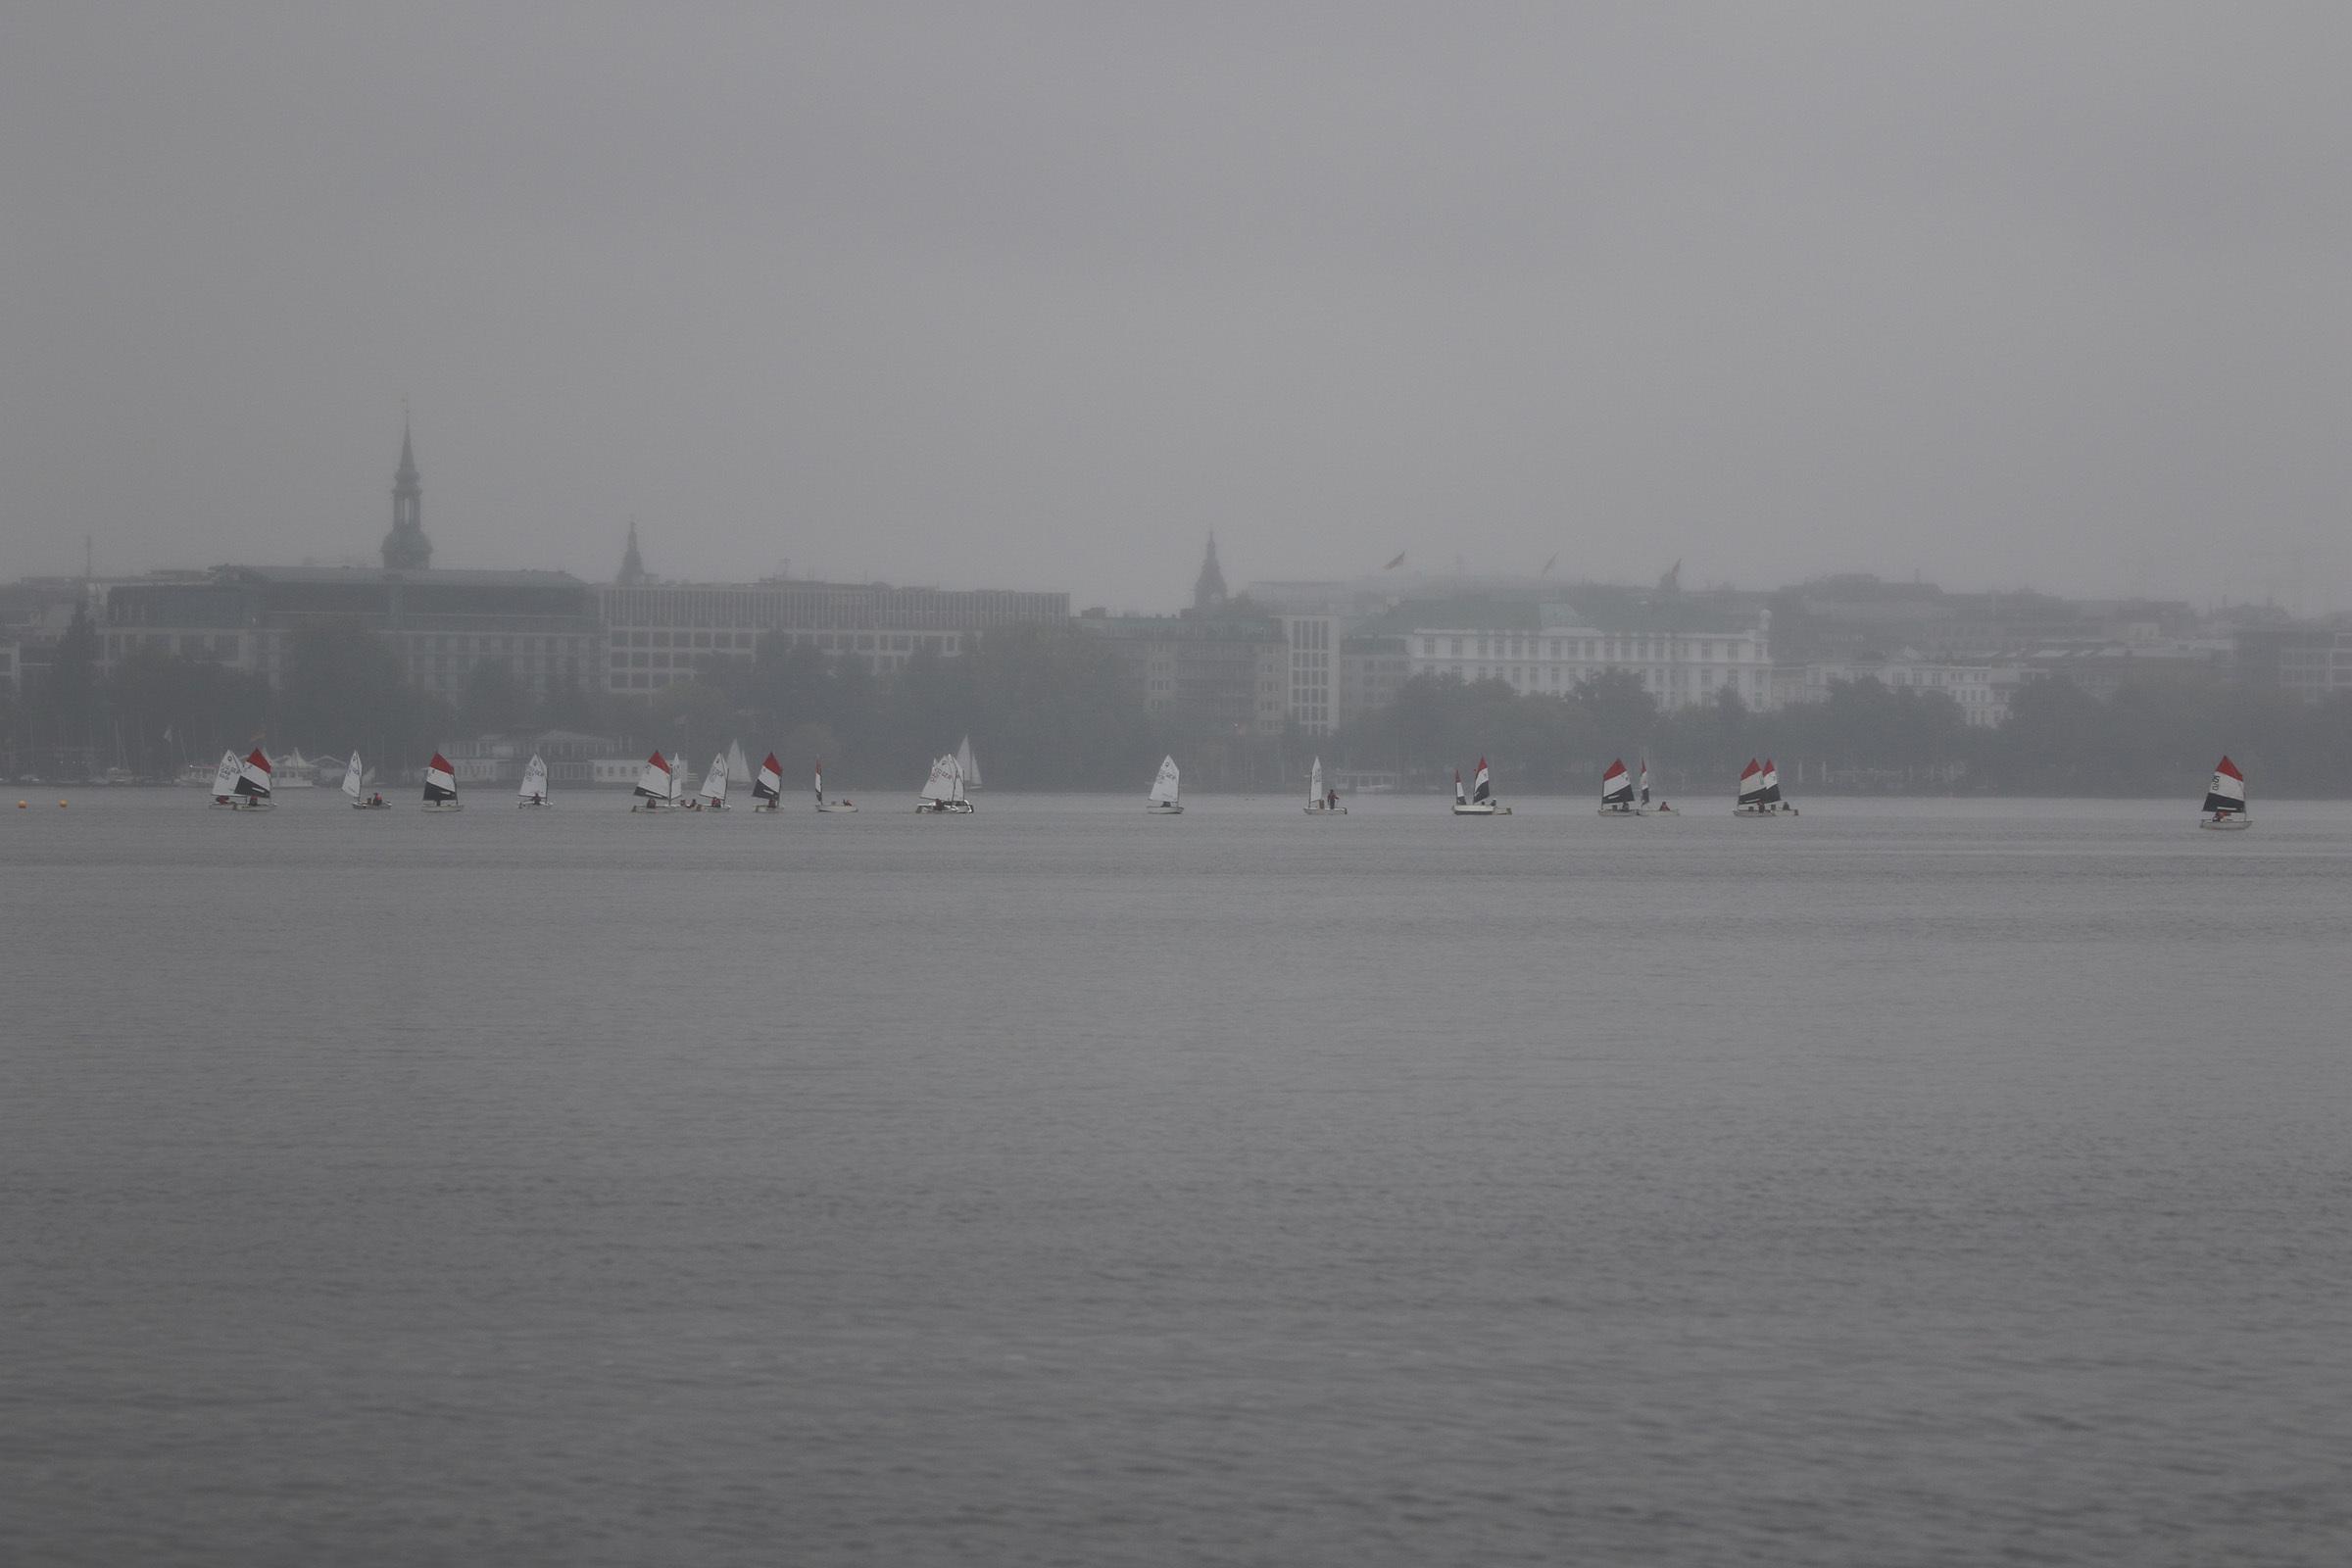 Grau in grau: Opti C und B trotzen dem Regen und der Flaute